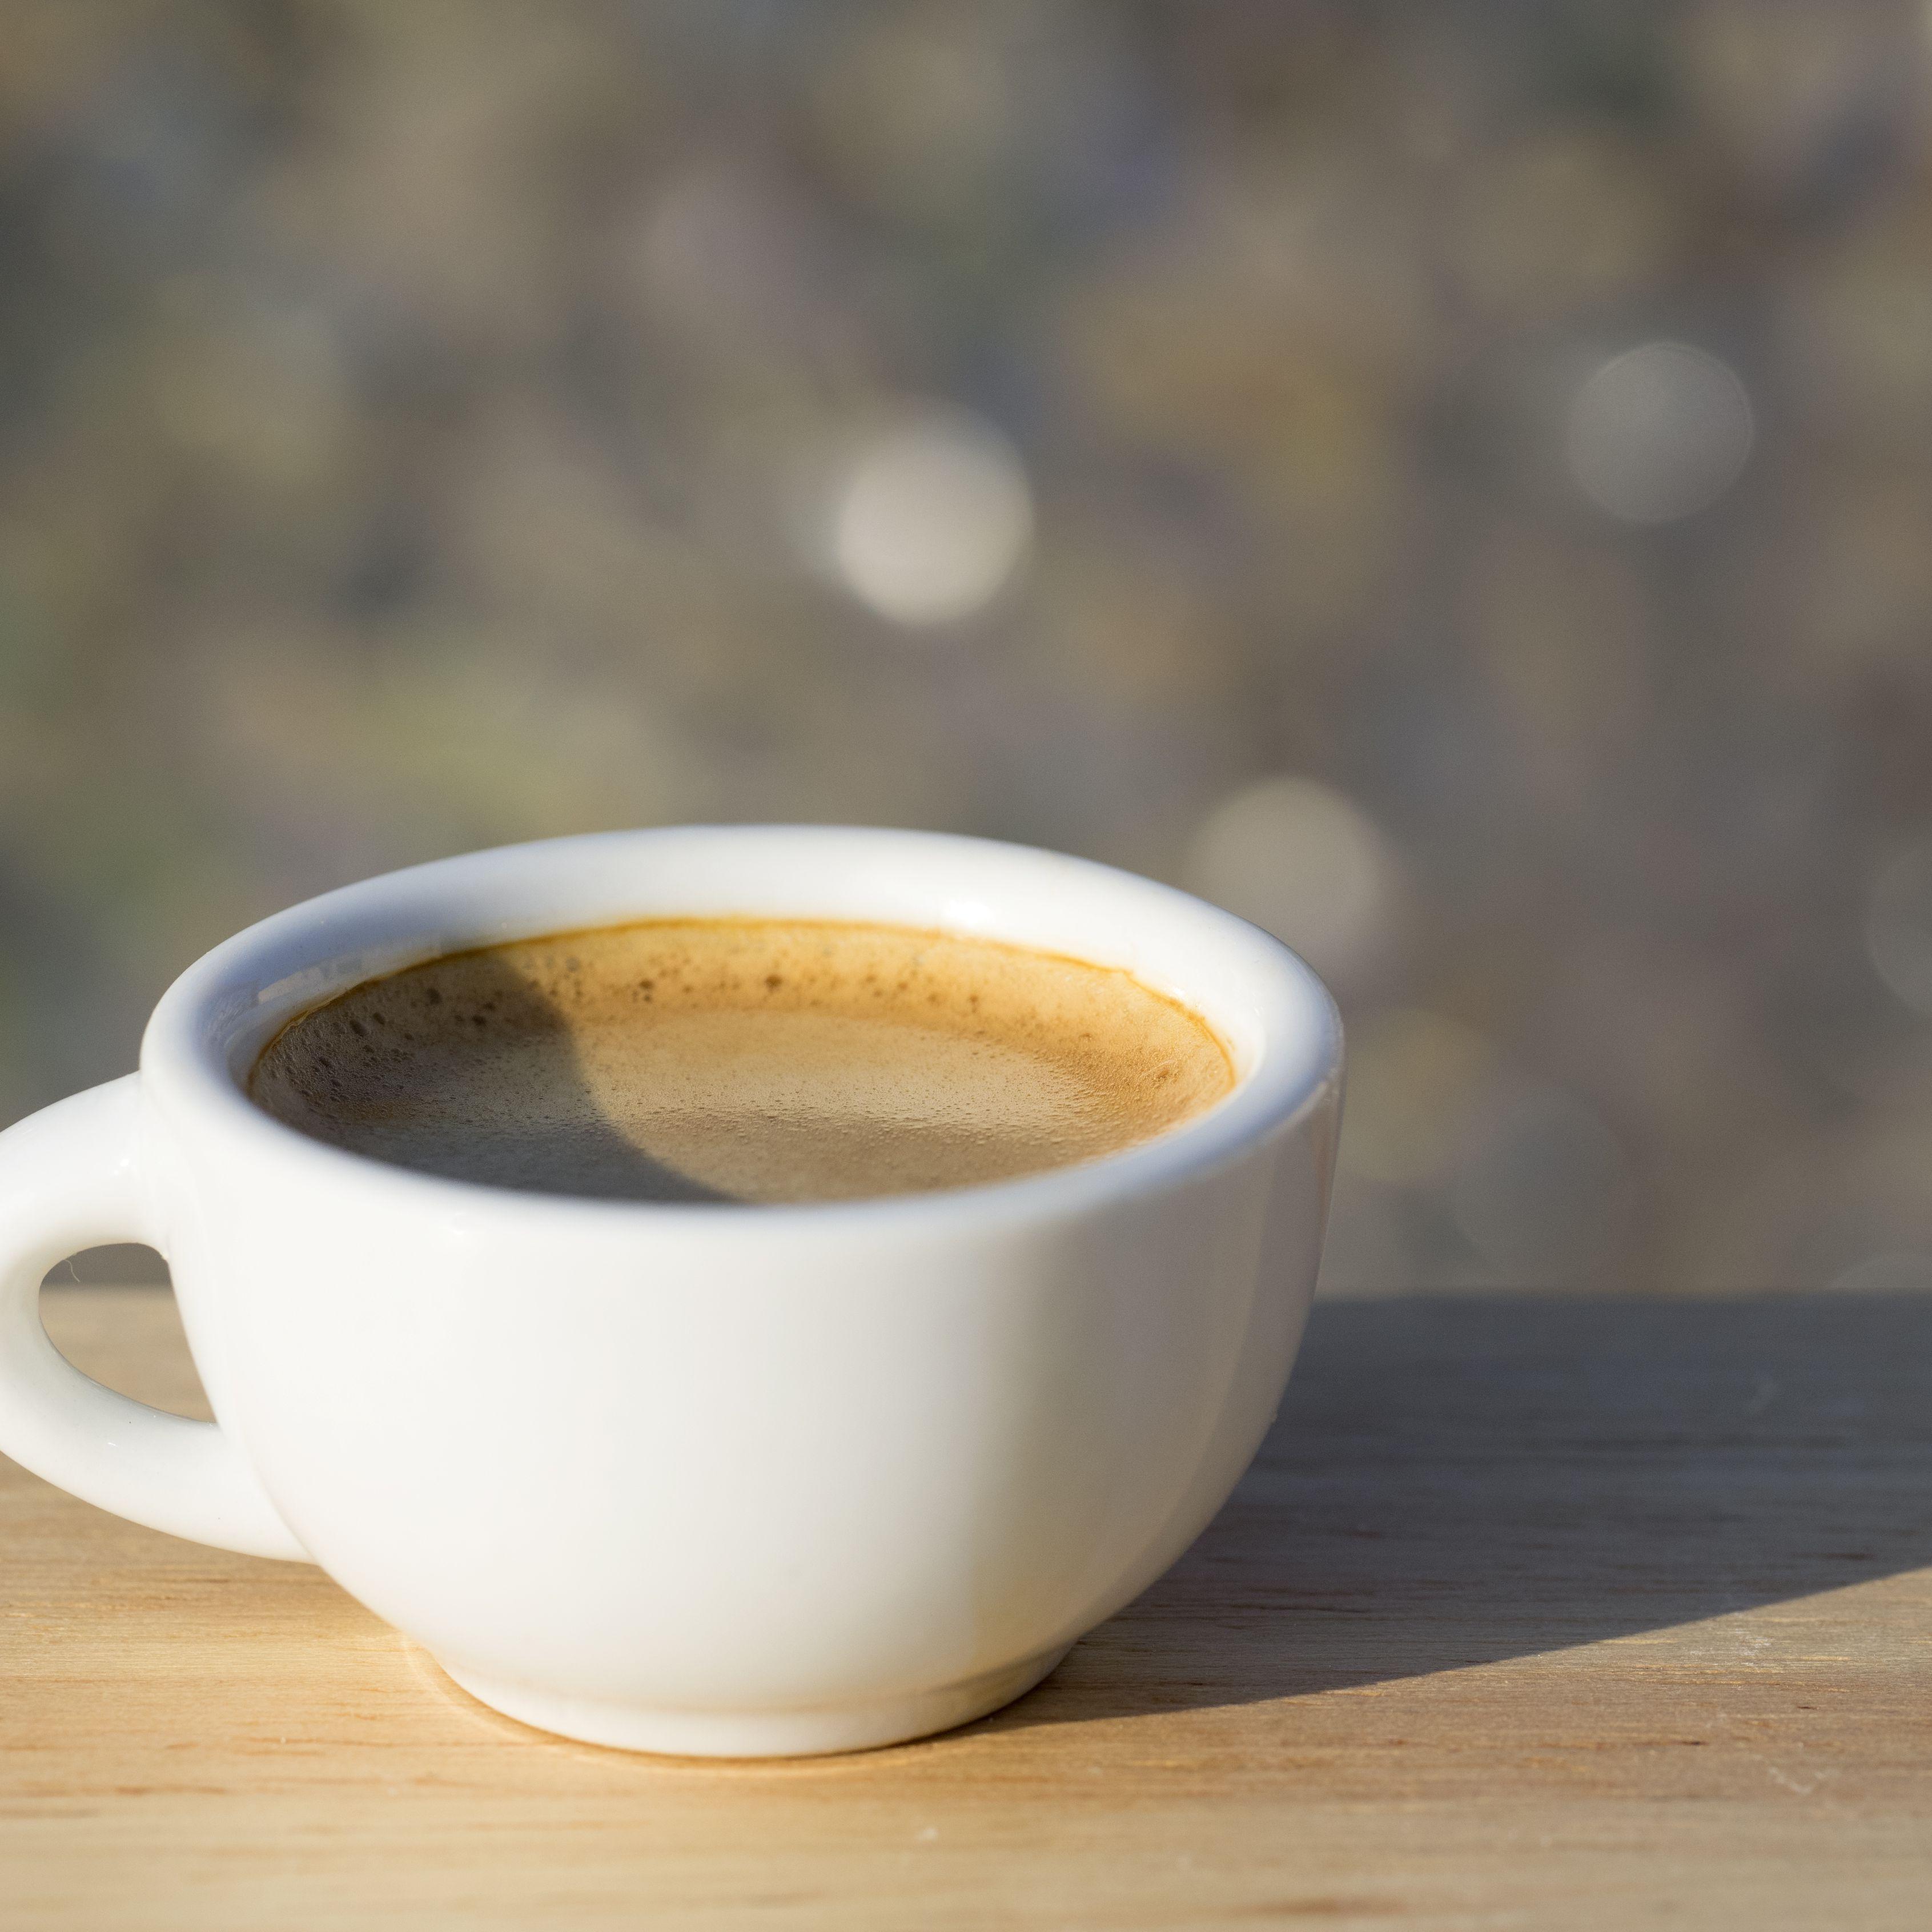 Hong Kong Yuanyang: Coffee With Tea Recipe